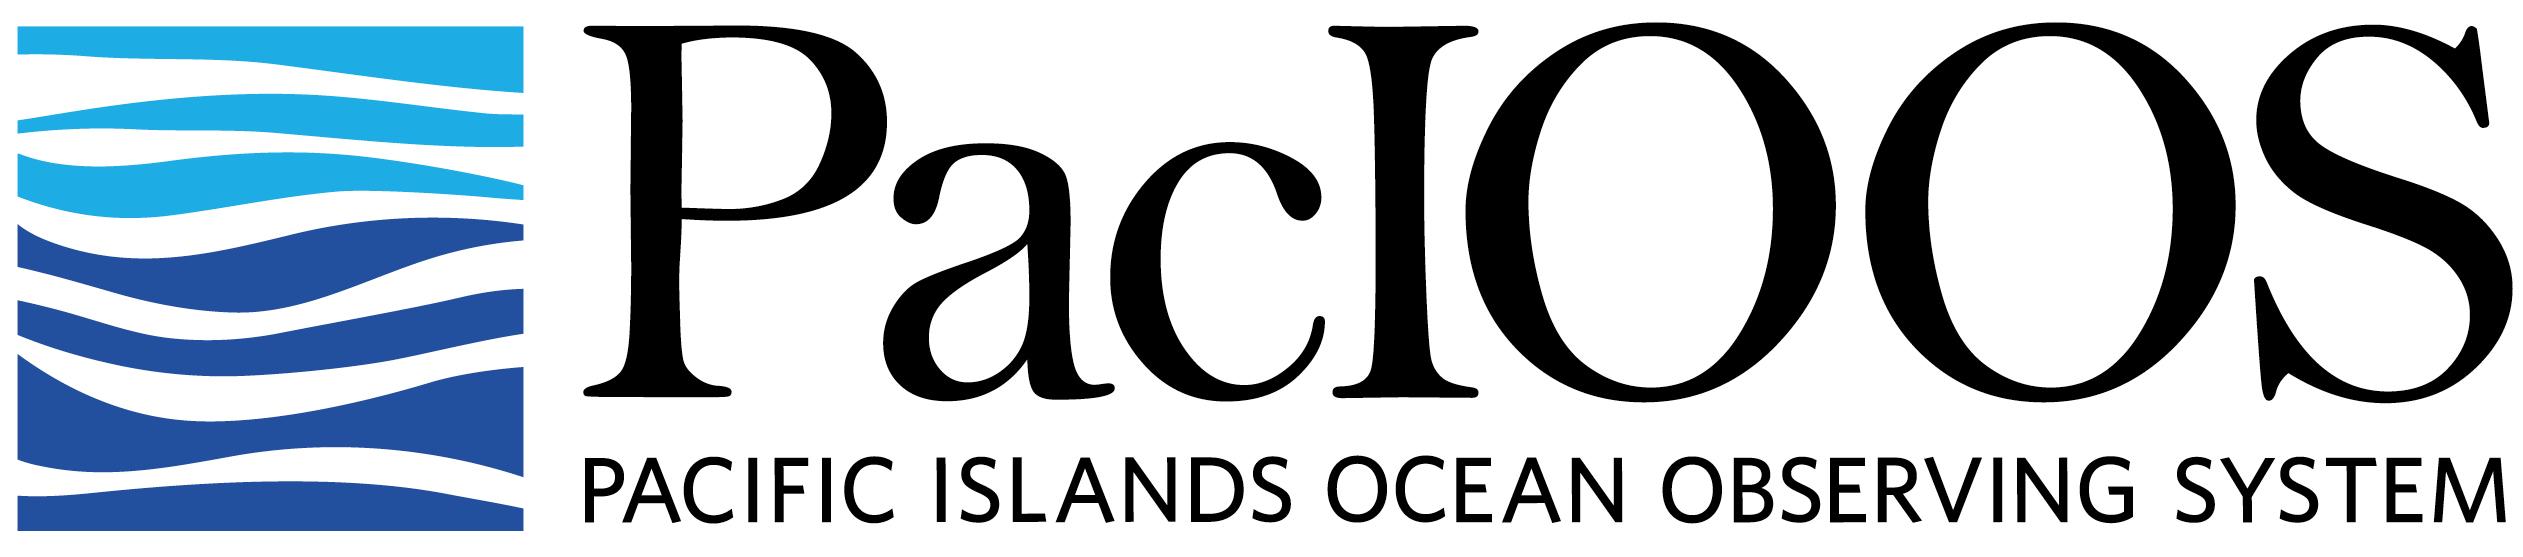 PacIOOS-logo-landscape-large